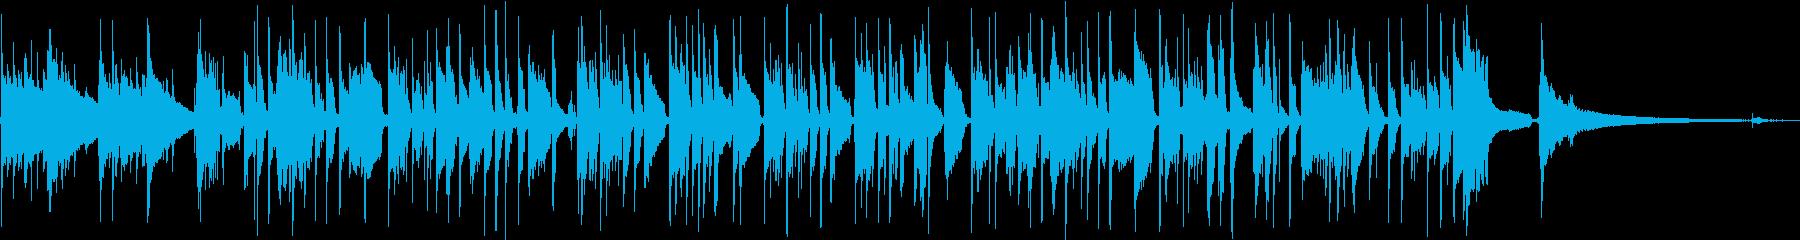 ドボルザークの名曲をソロギターアレンジの再生済みの波形